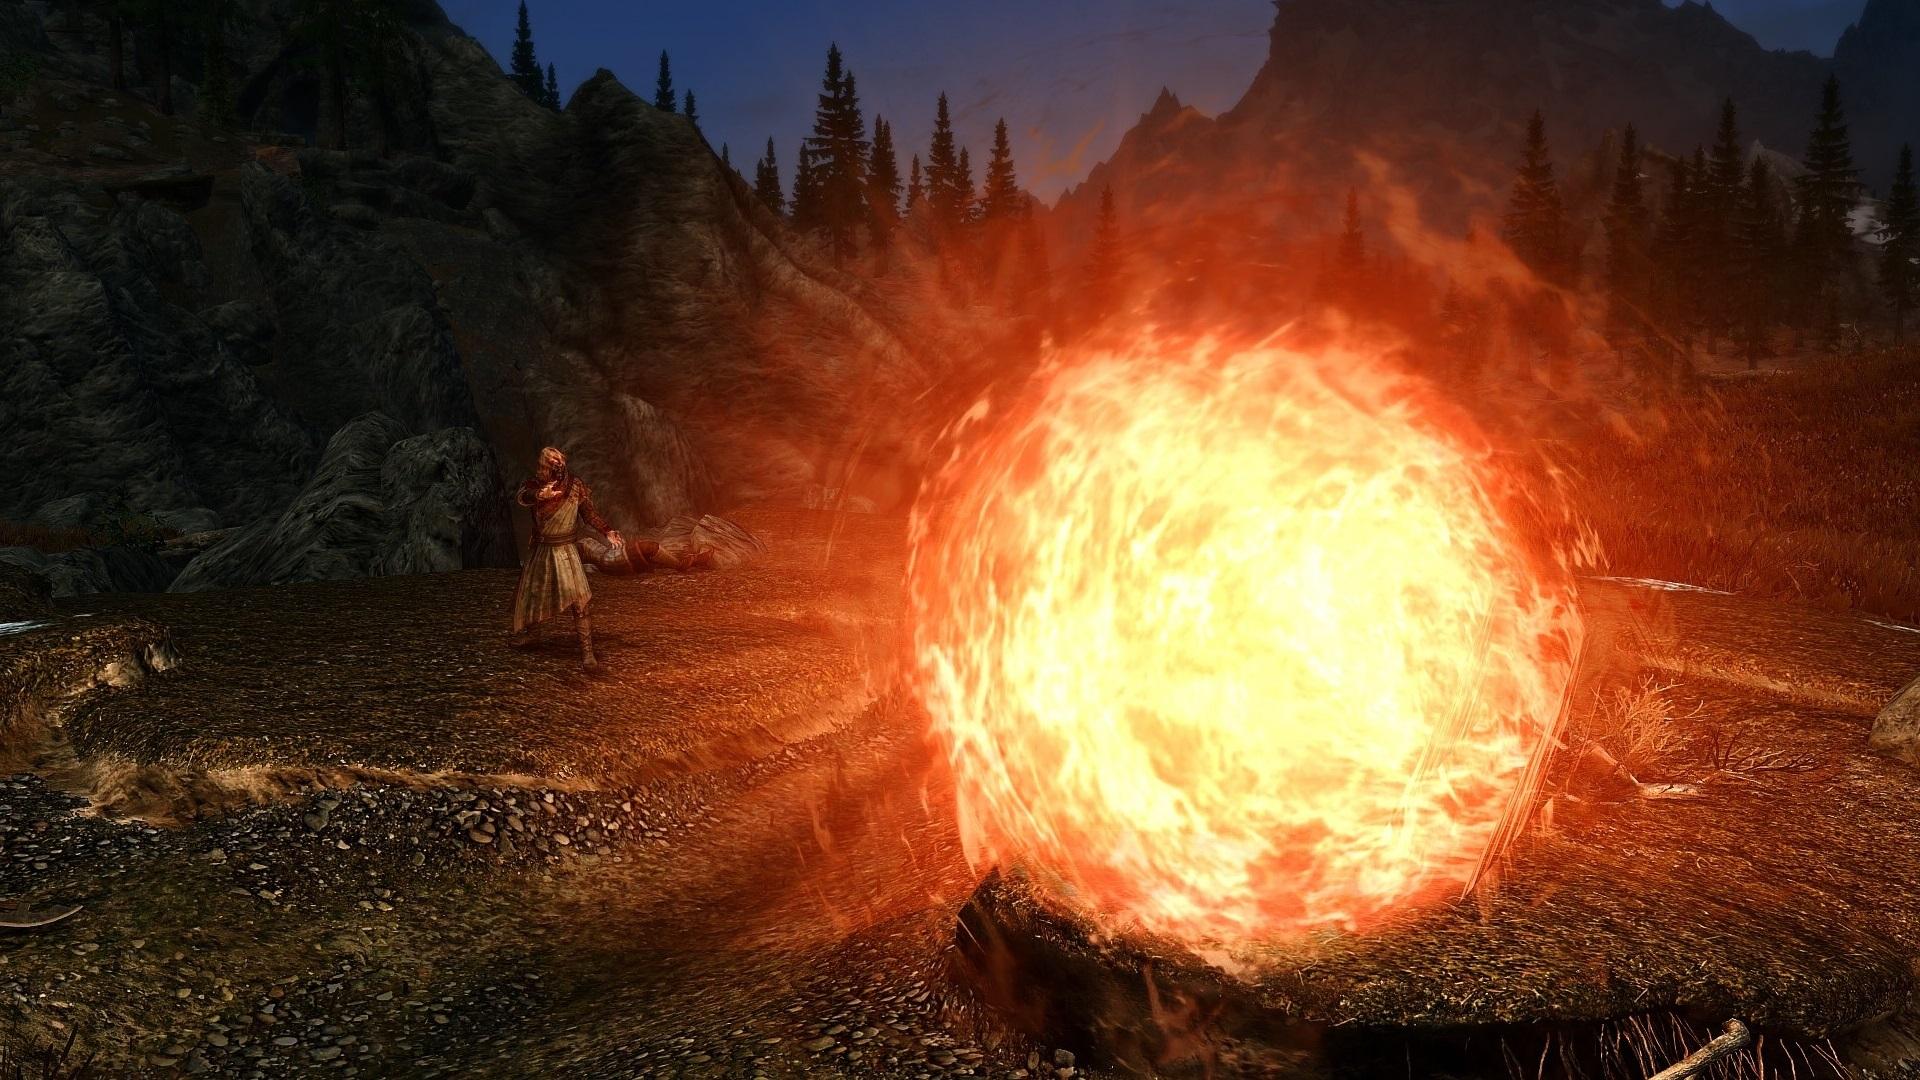 Skyrim: Special Edition mod - Arcanum